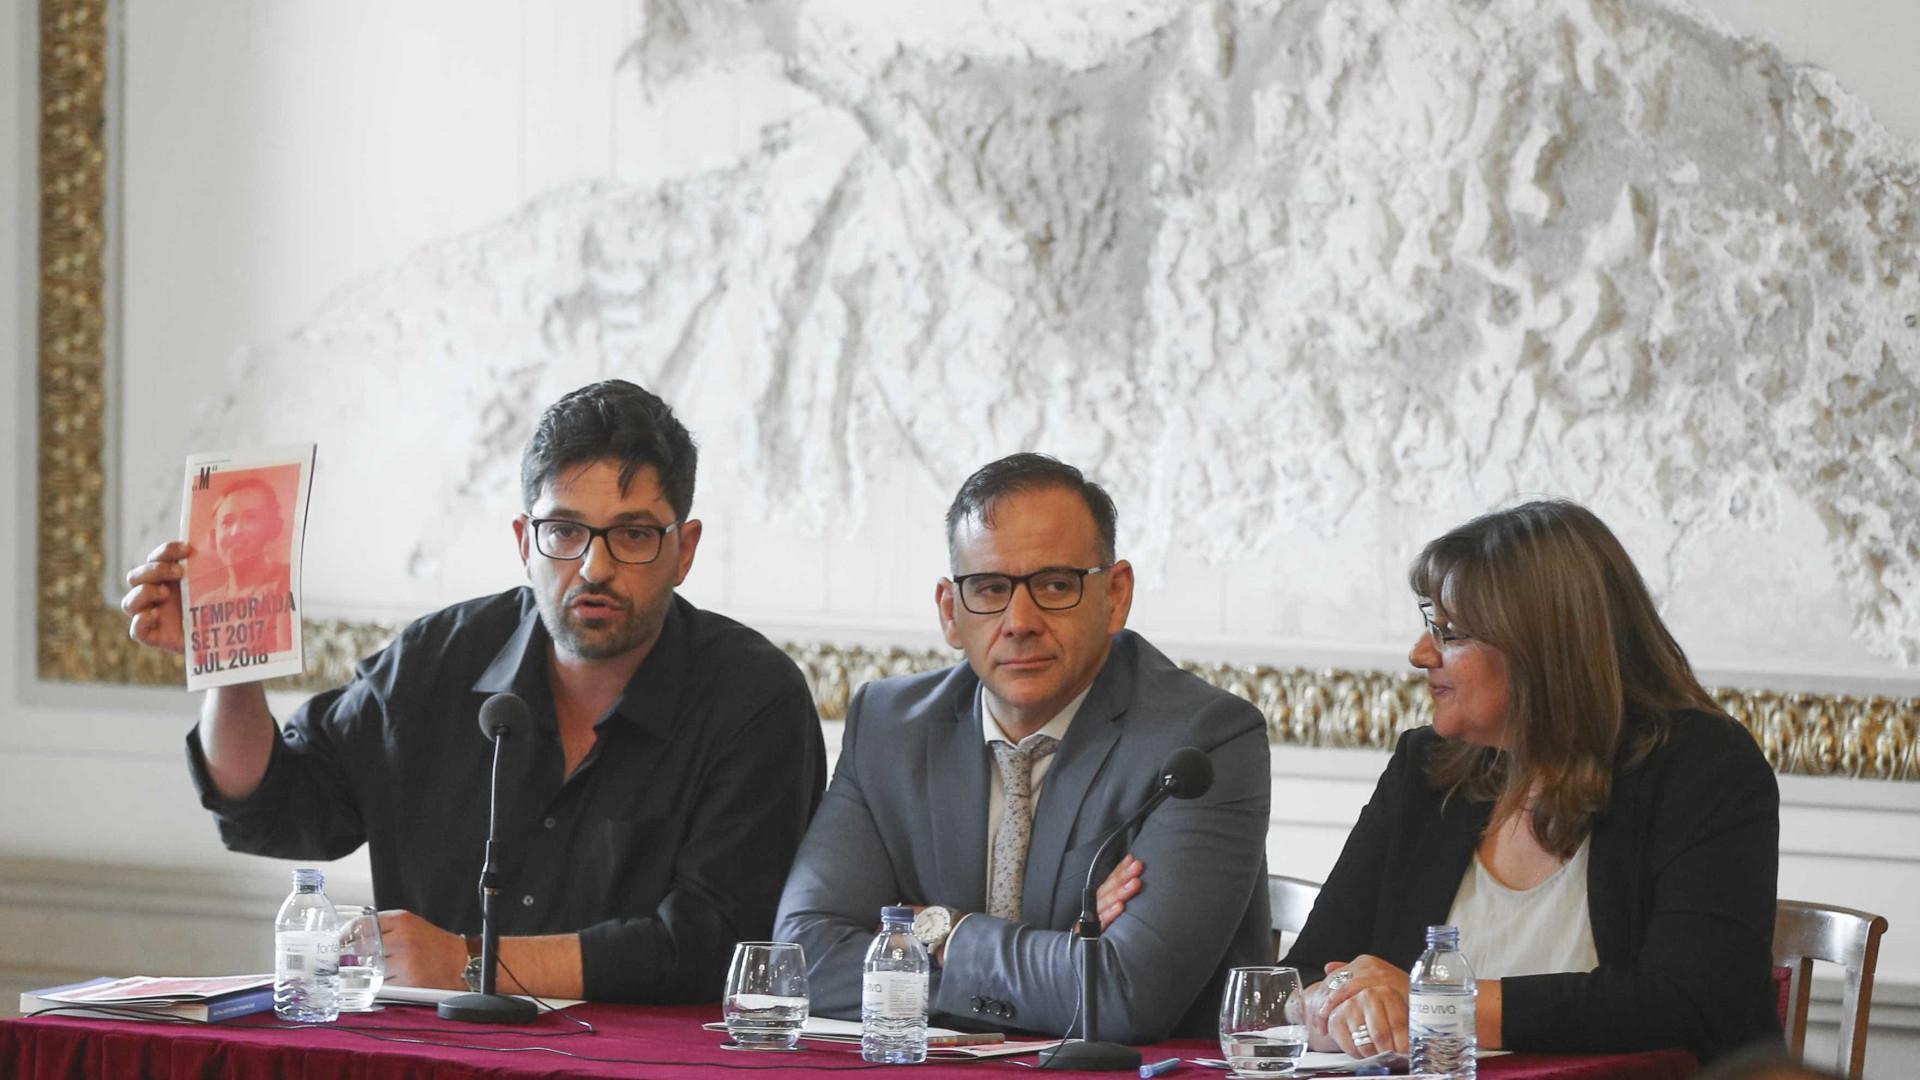 Governo felicita encenador Tiago Rodrigues por Prémio Europa de Teatro